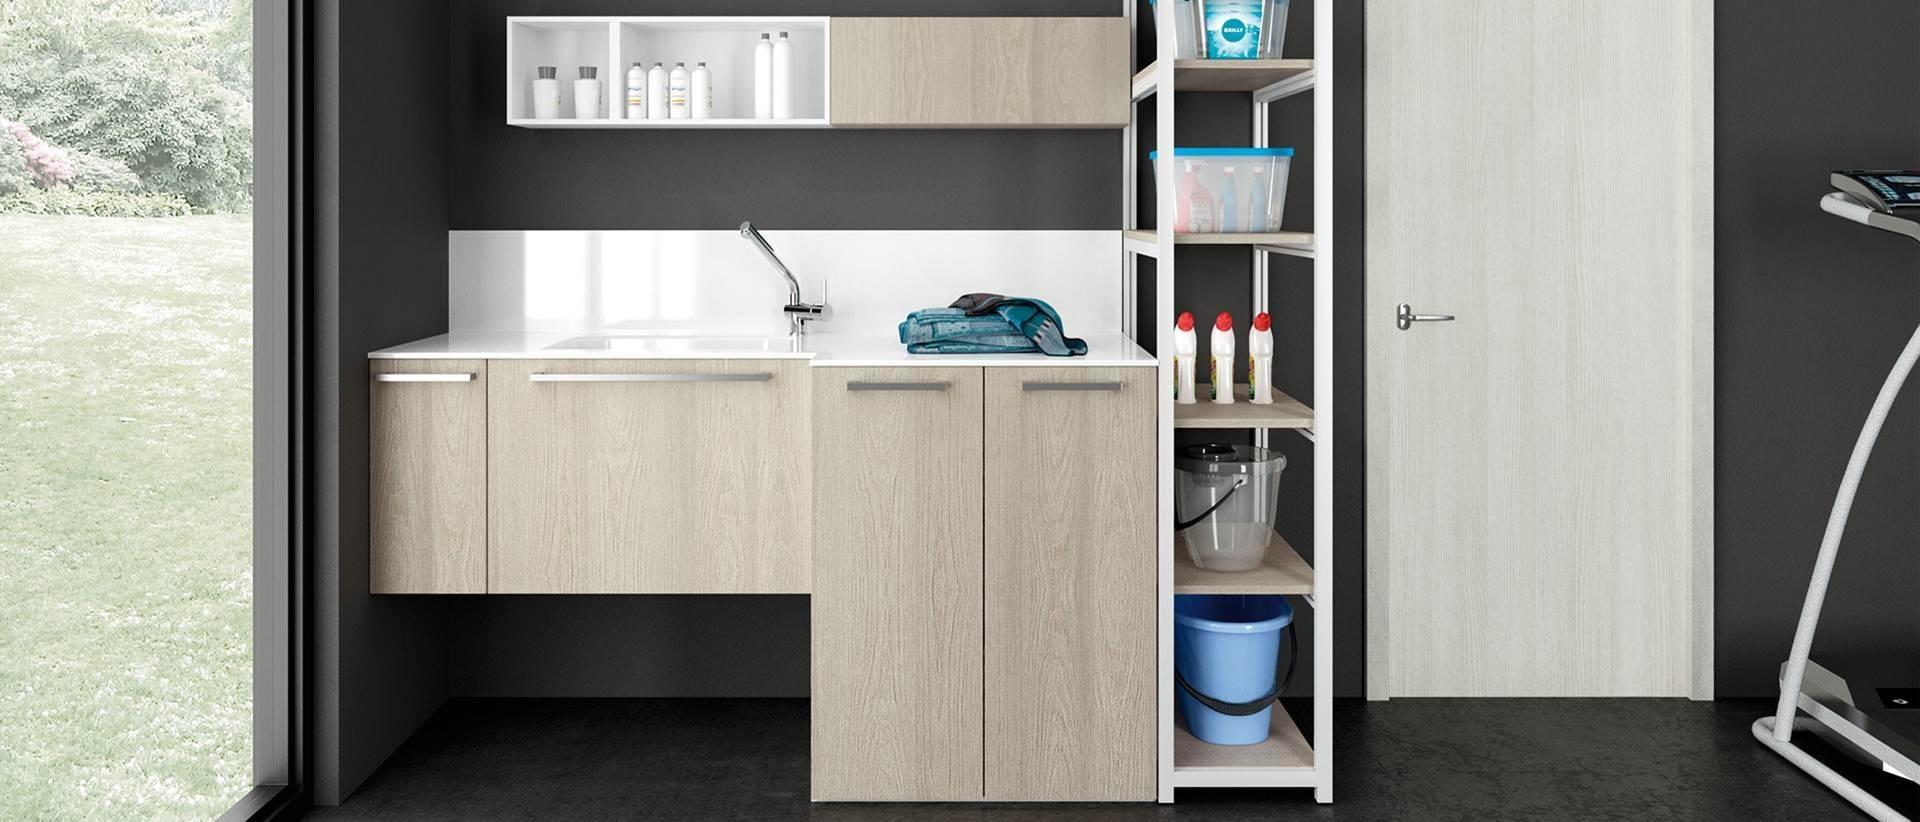 Mobile Lavello E Lavatrice mobili bagno lavanderia